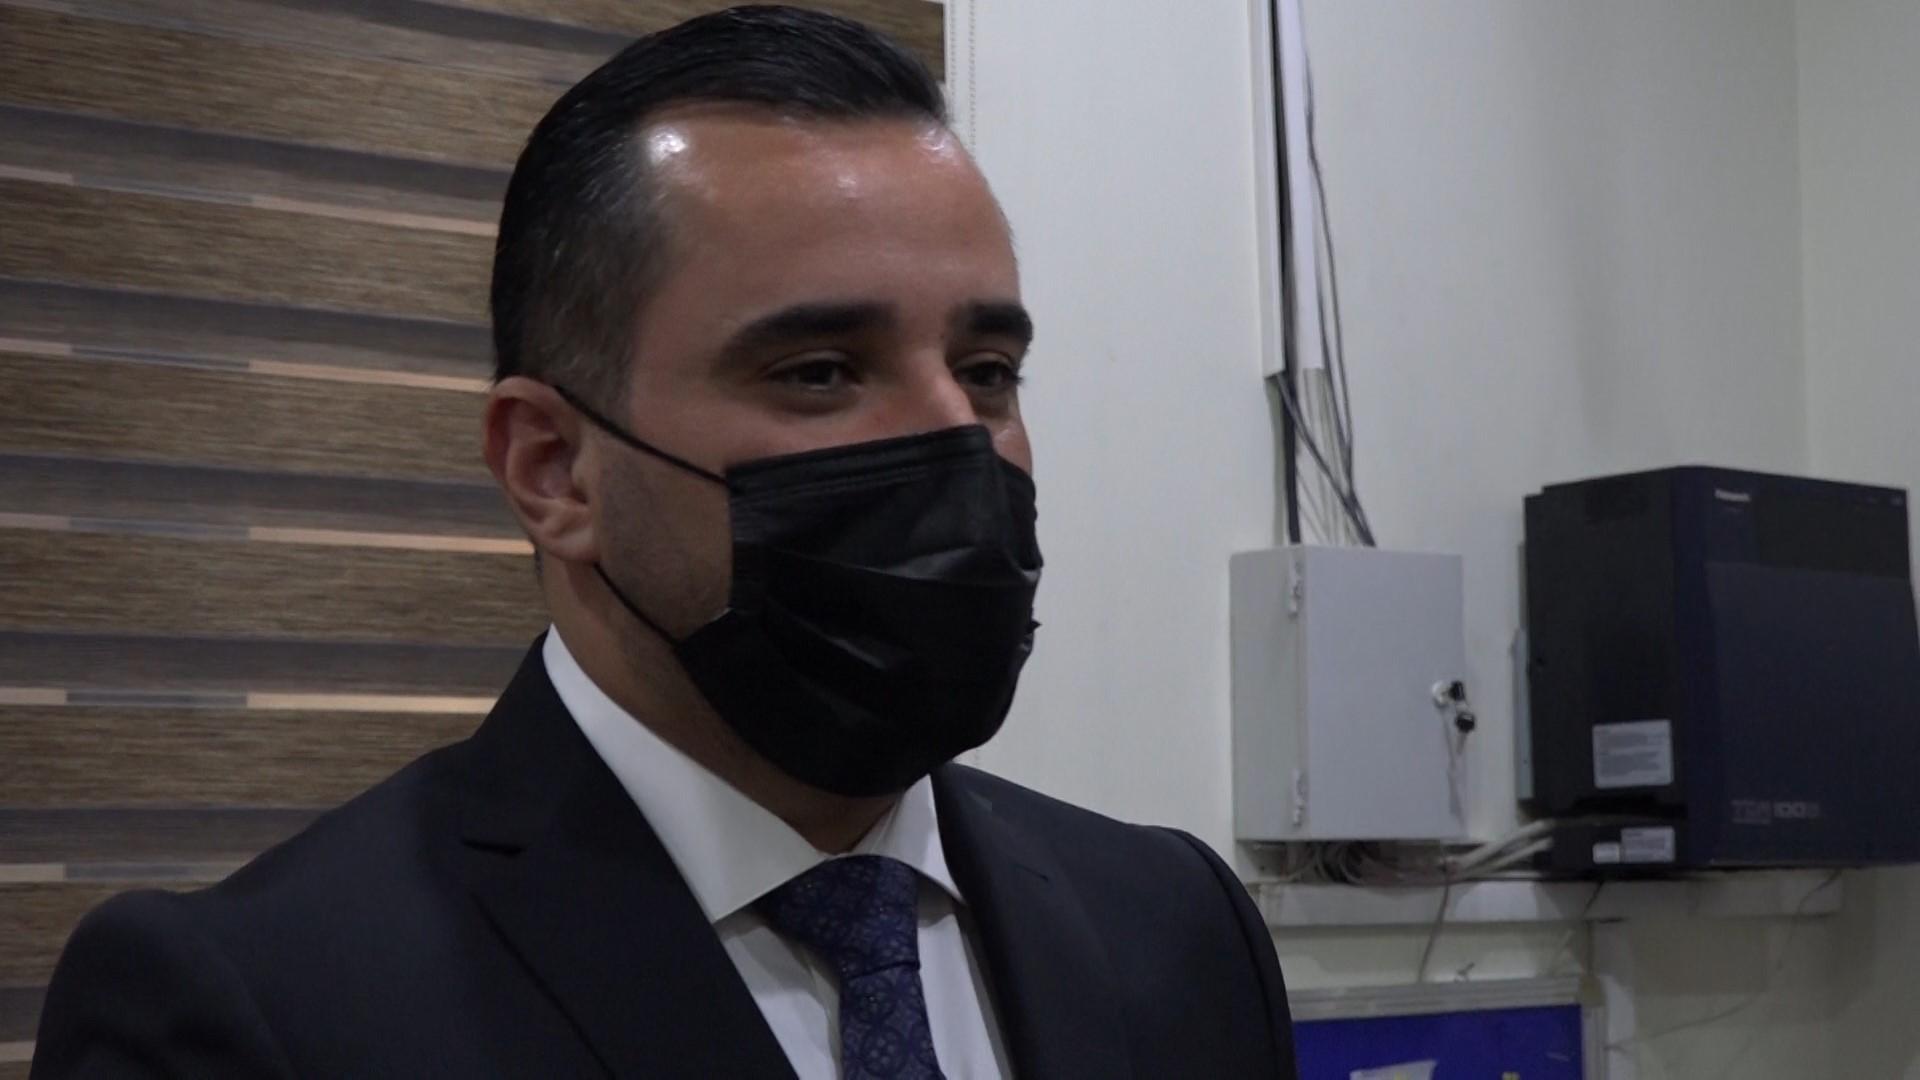 إنتخاب المحامي رامي نوري عوديش مديرا لناحية عنكاوا